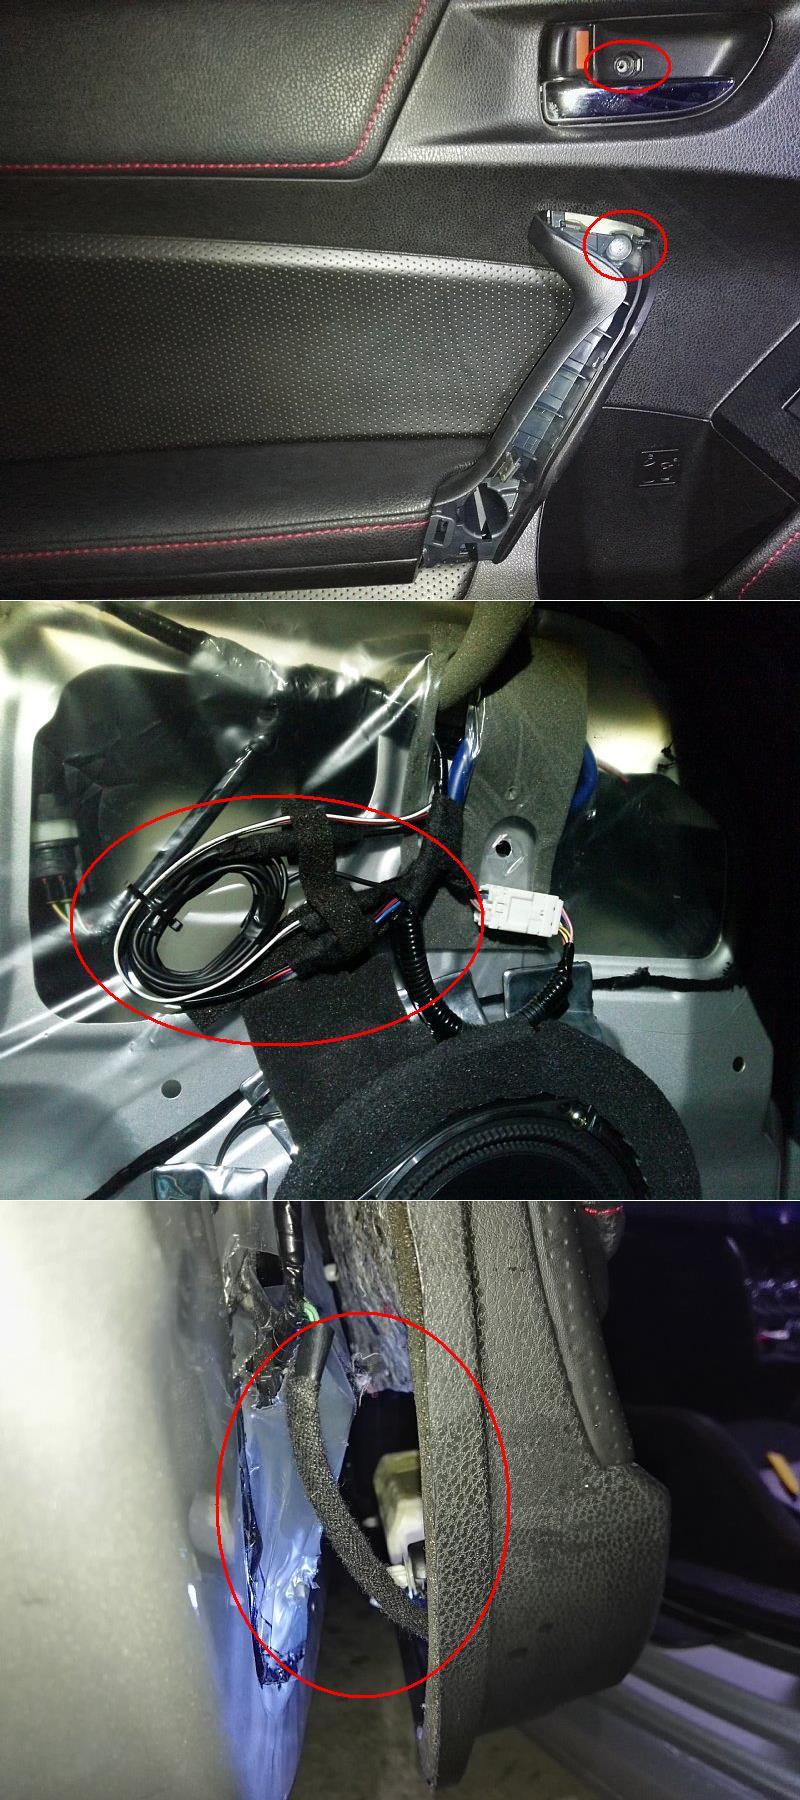 86/BRZ 異音対策、デフ/MT/エンジンオイル交換、10万km雑感